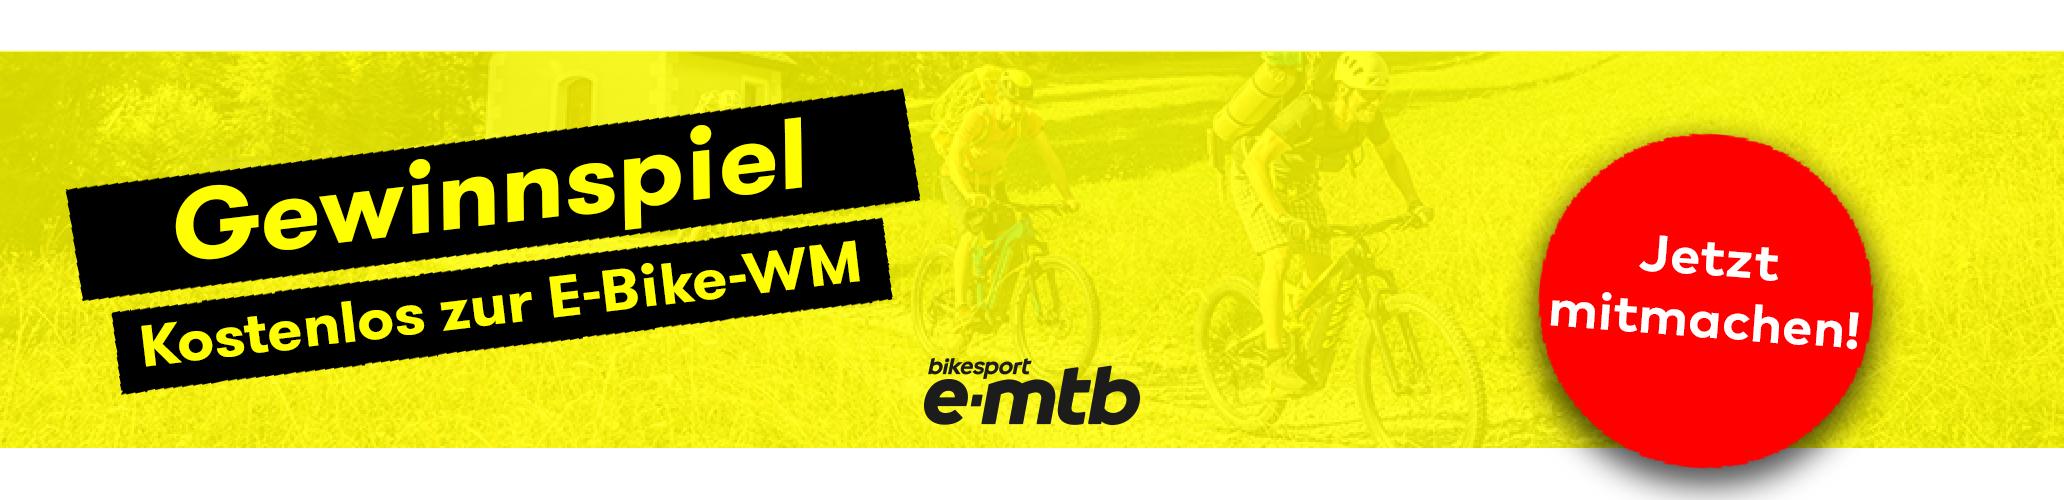 Gewinnspiel, E-Bike-WM